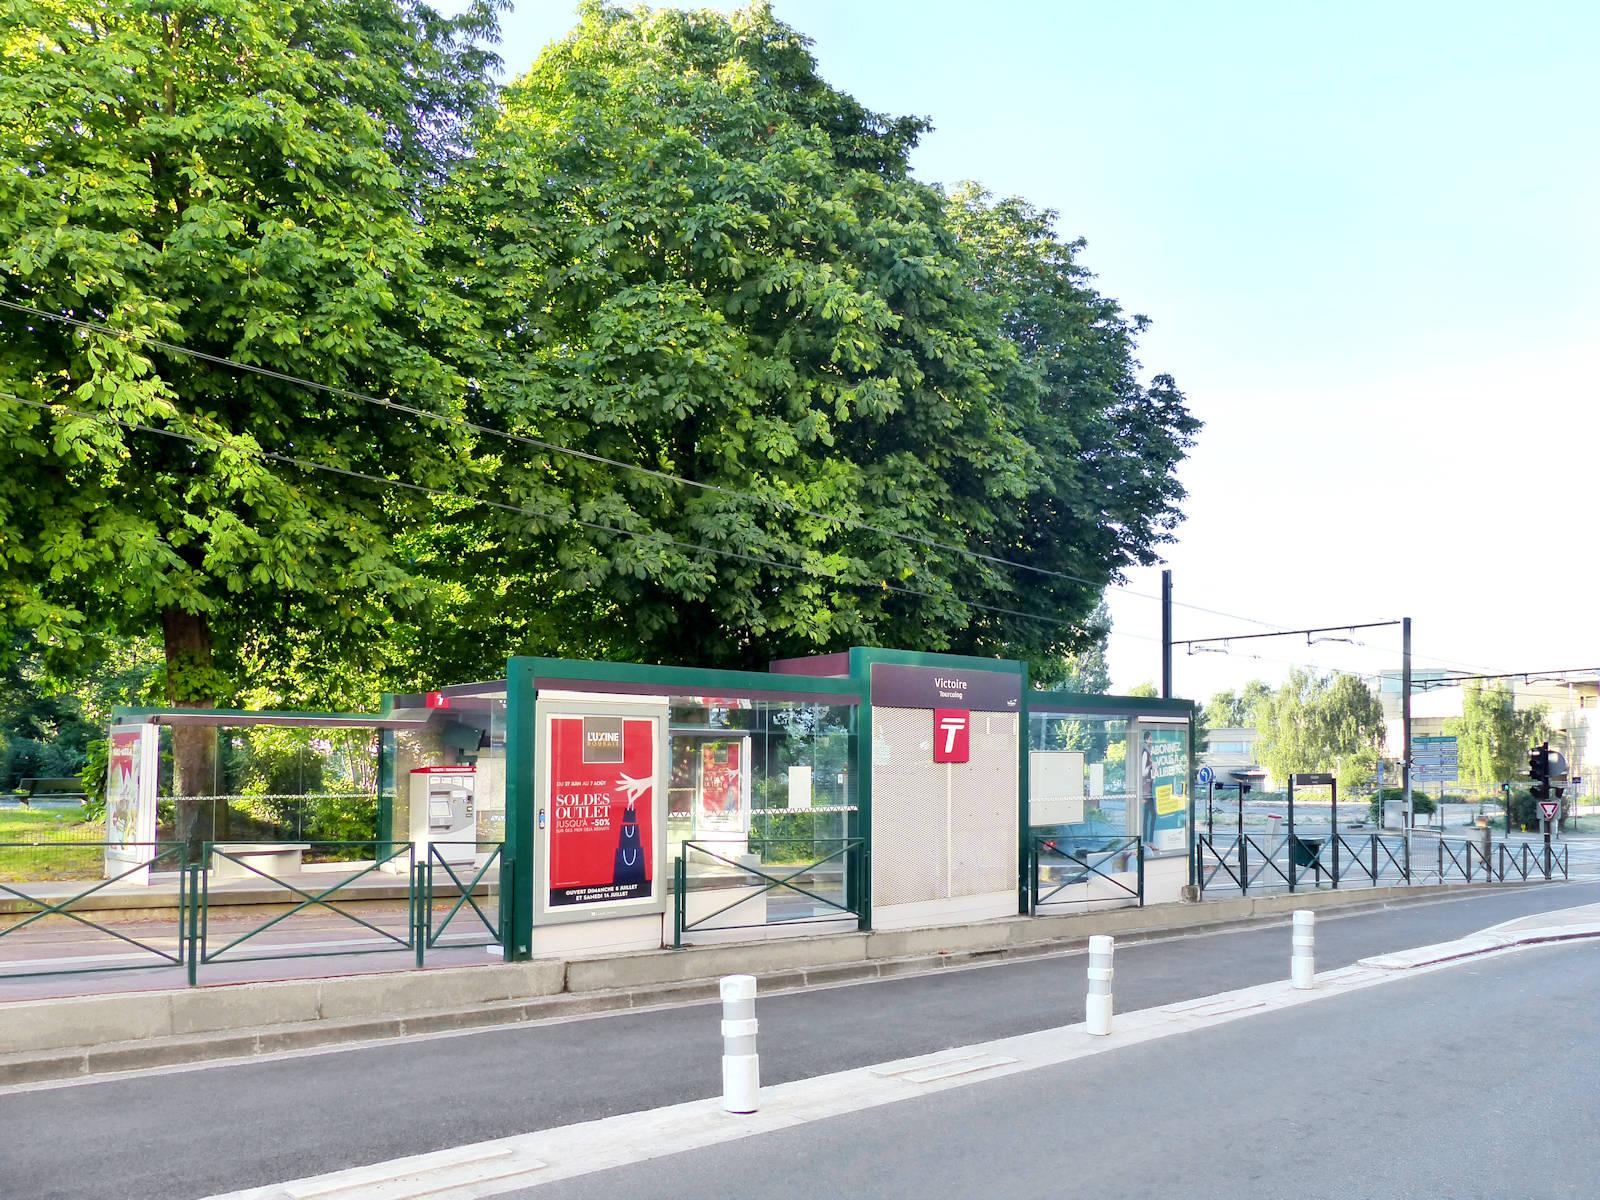 Station Tramway Victoire - Place de la Victoire, Tourcoing